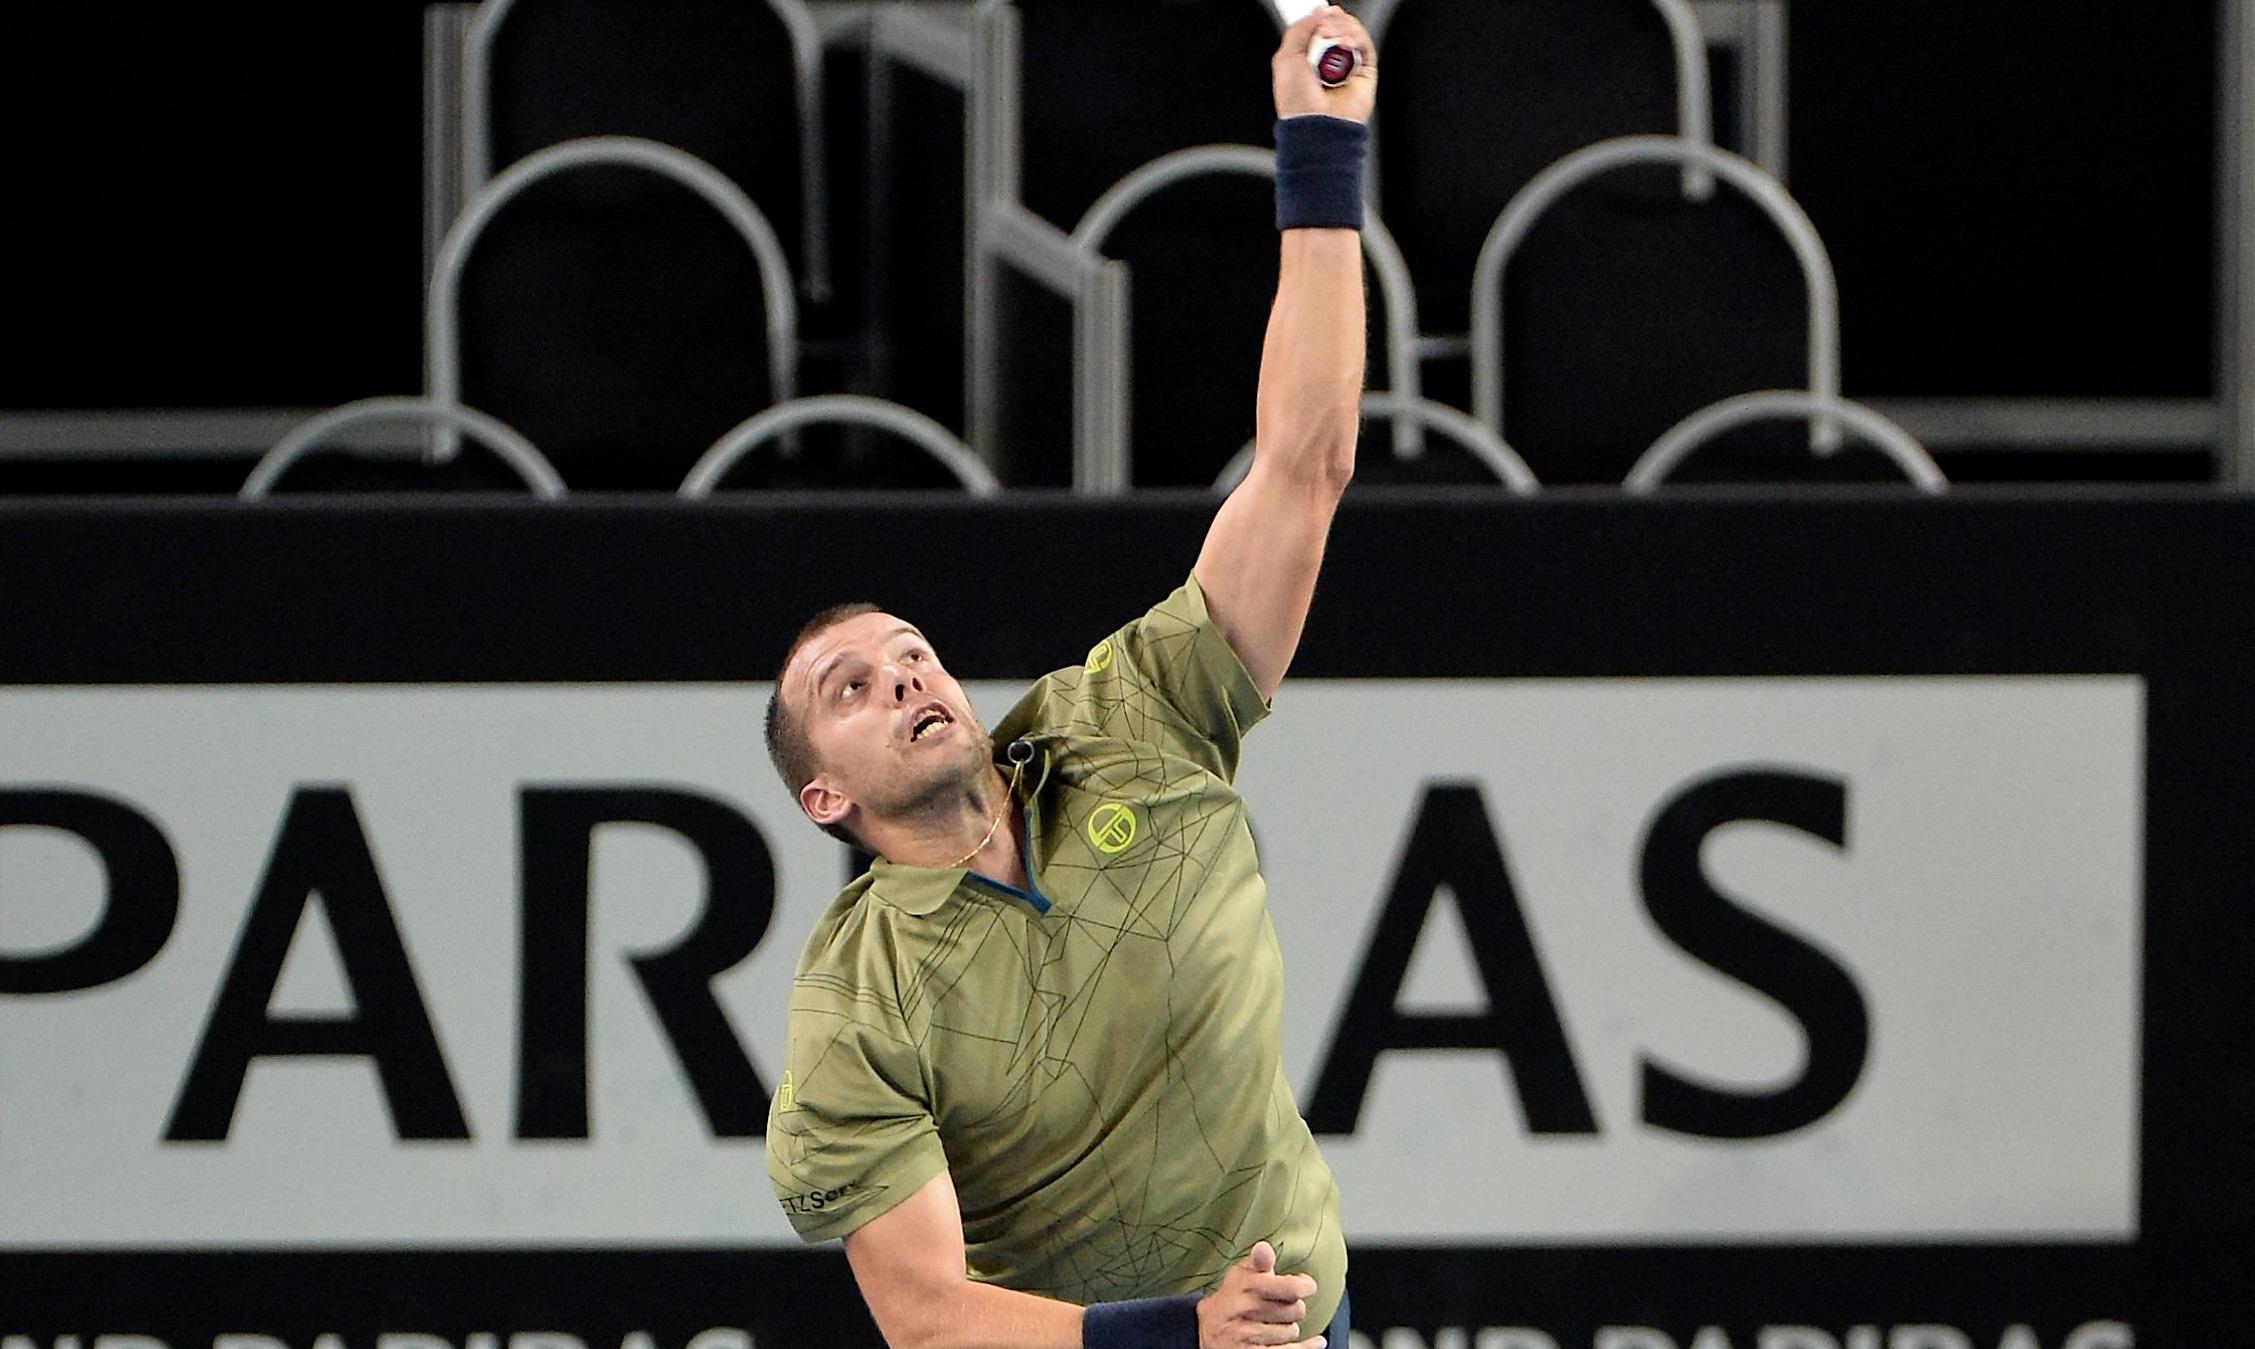 Gilles Muller s'est montré très solide sur son service. (Photo : Julien Garroy)